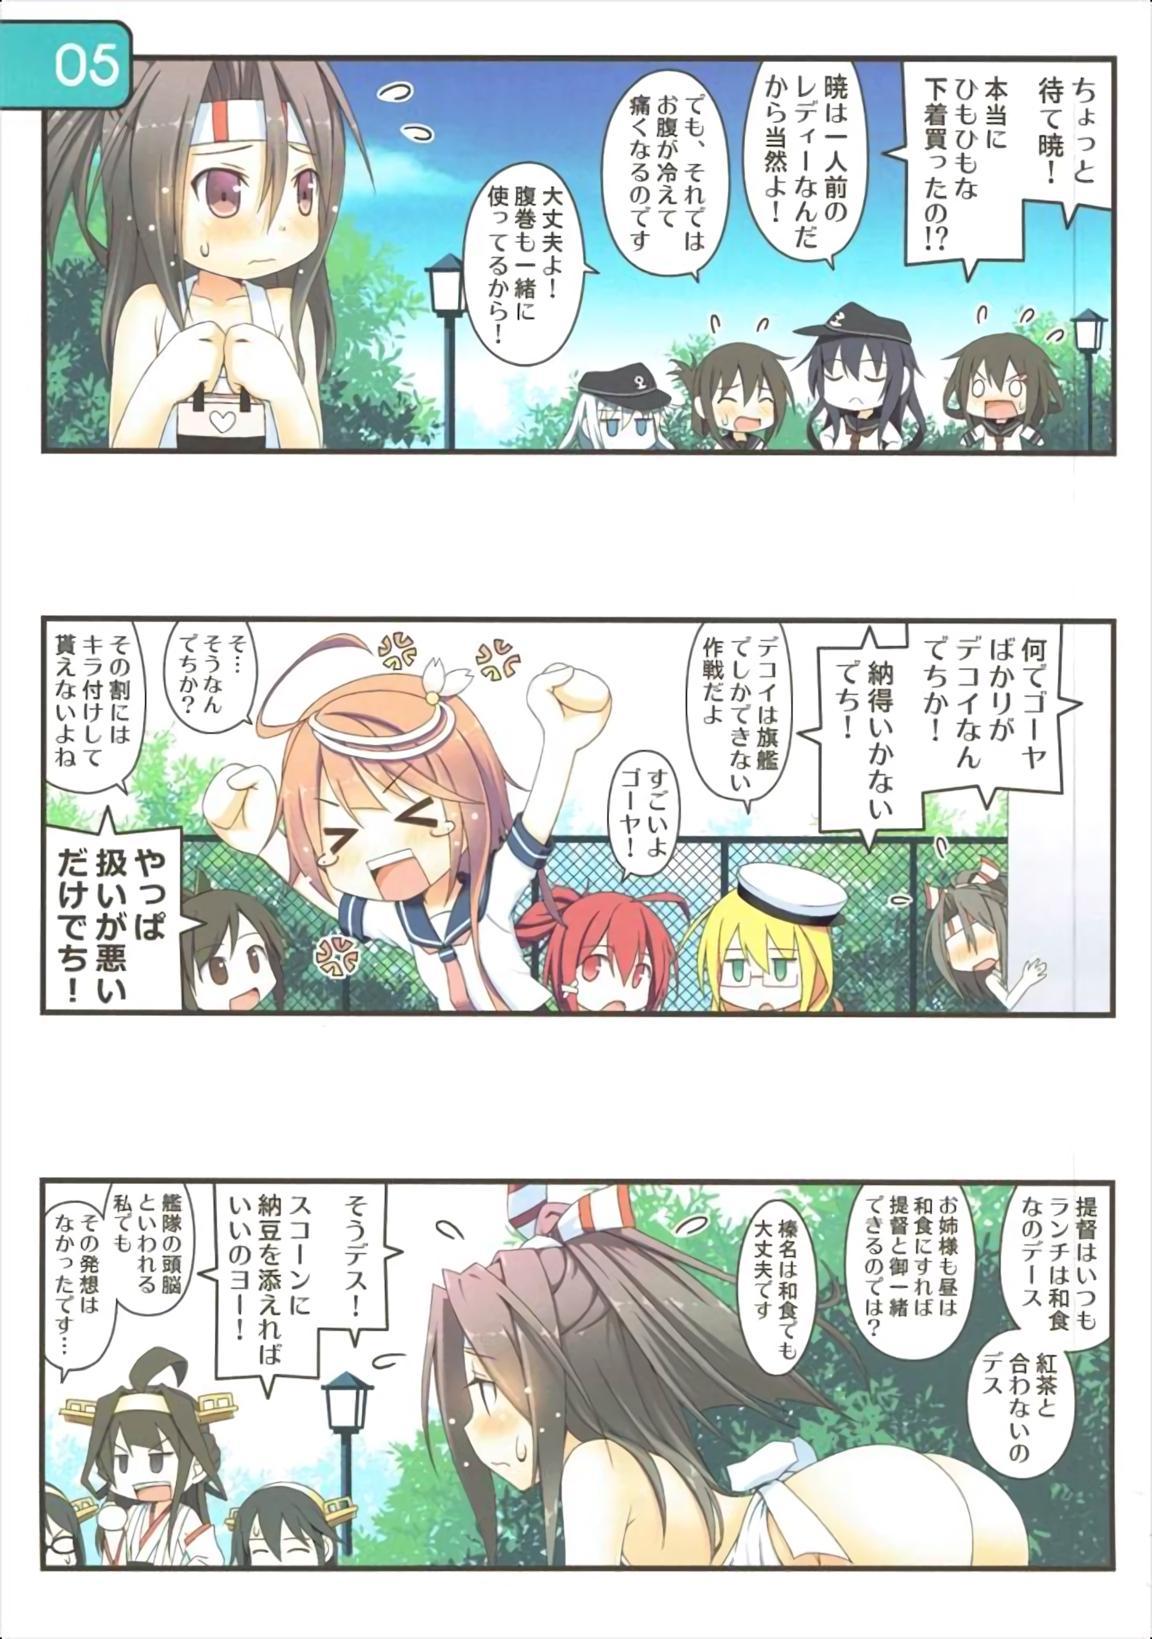 IRIS27 Hadaka Apron de Otodokeshimasu! 4